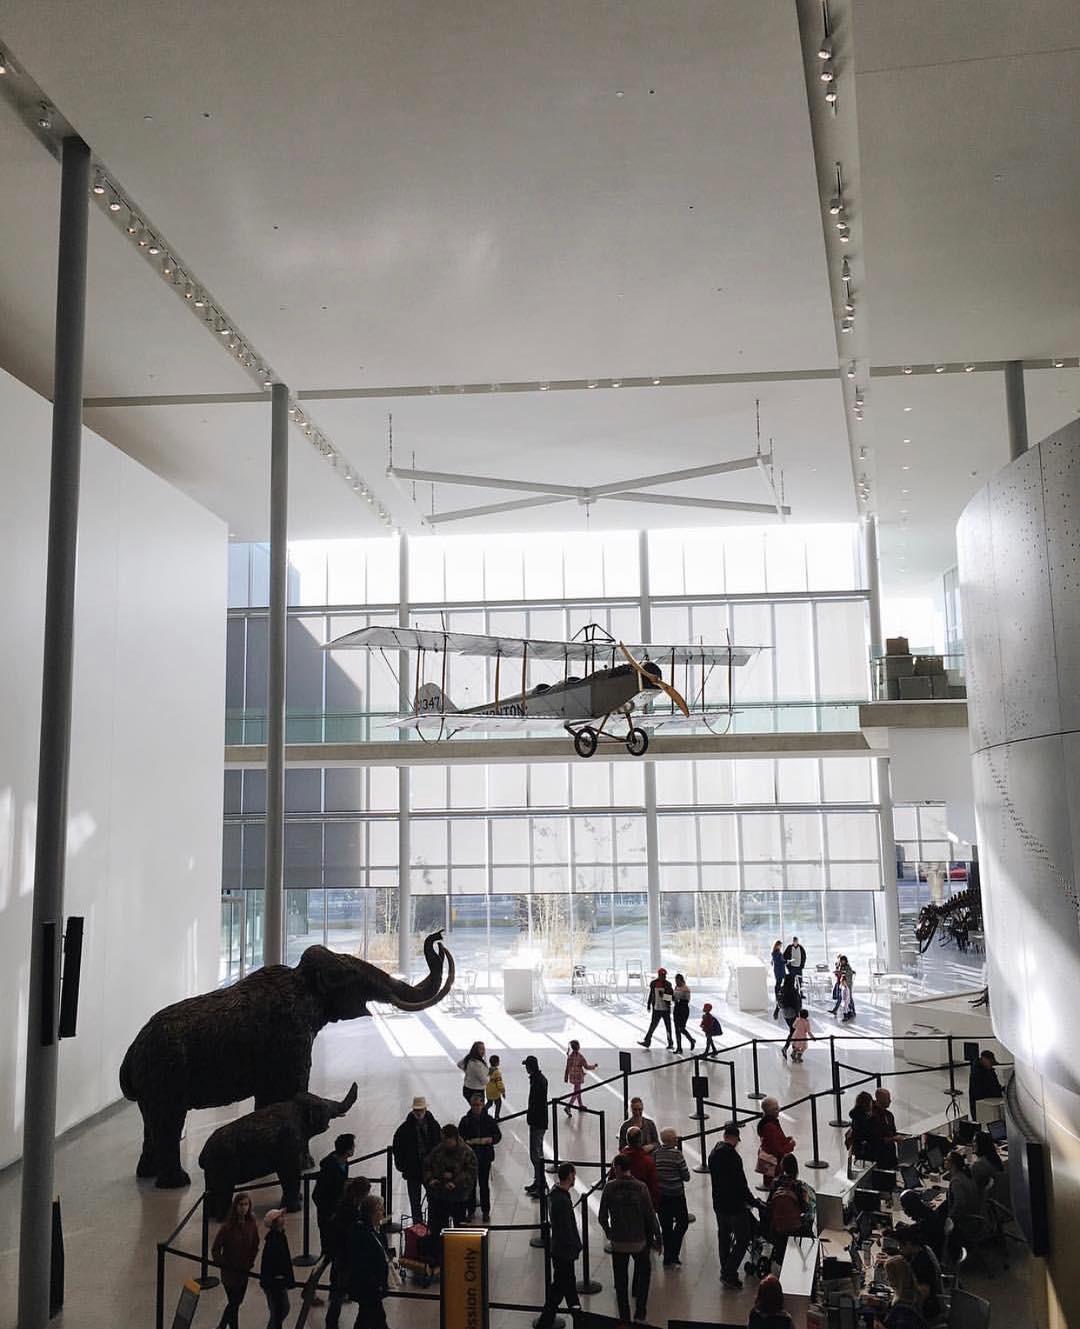 4 bảo tàng được dự đoán sẽ hot nhất năm 2019, dân mê nghệ thuật chắc chắn không thể bỏ qua! - Ảnh 13.